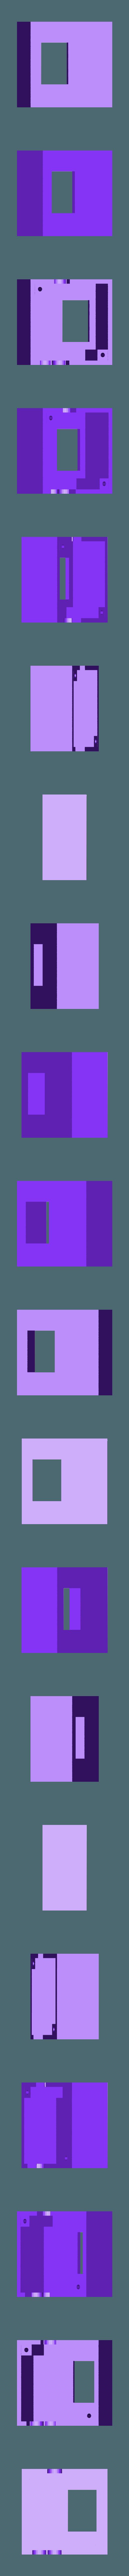 contenitore.stl Télécharger fichier STL gratuit Distributore corente • Modèle pour impression 3D, Scigola